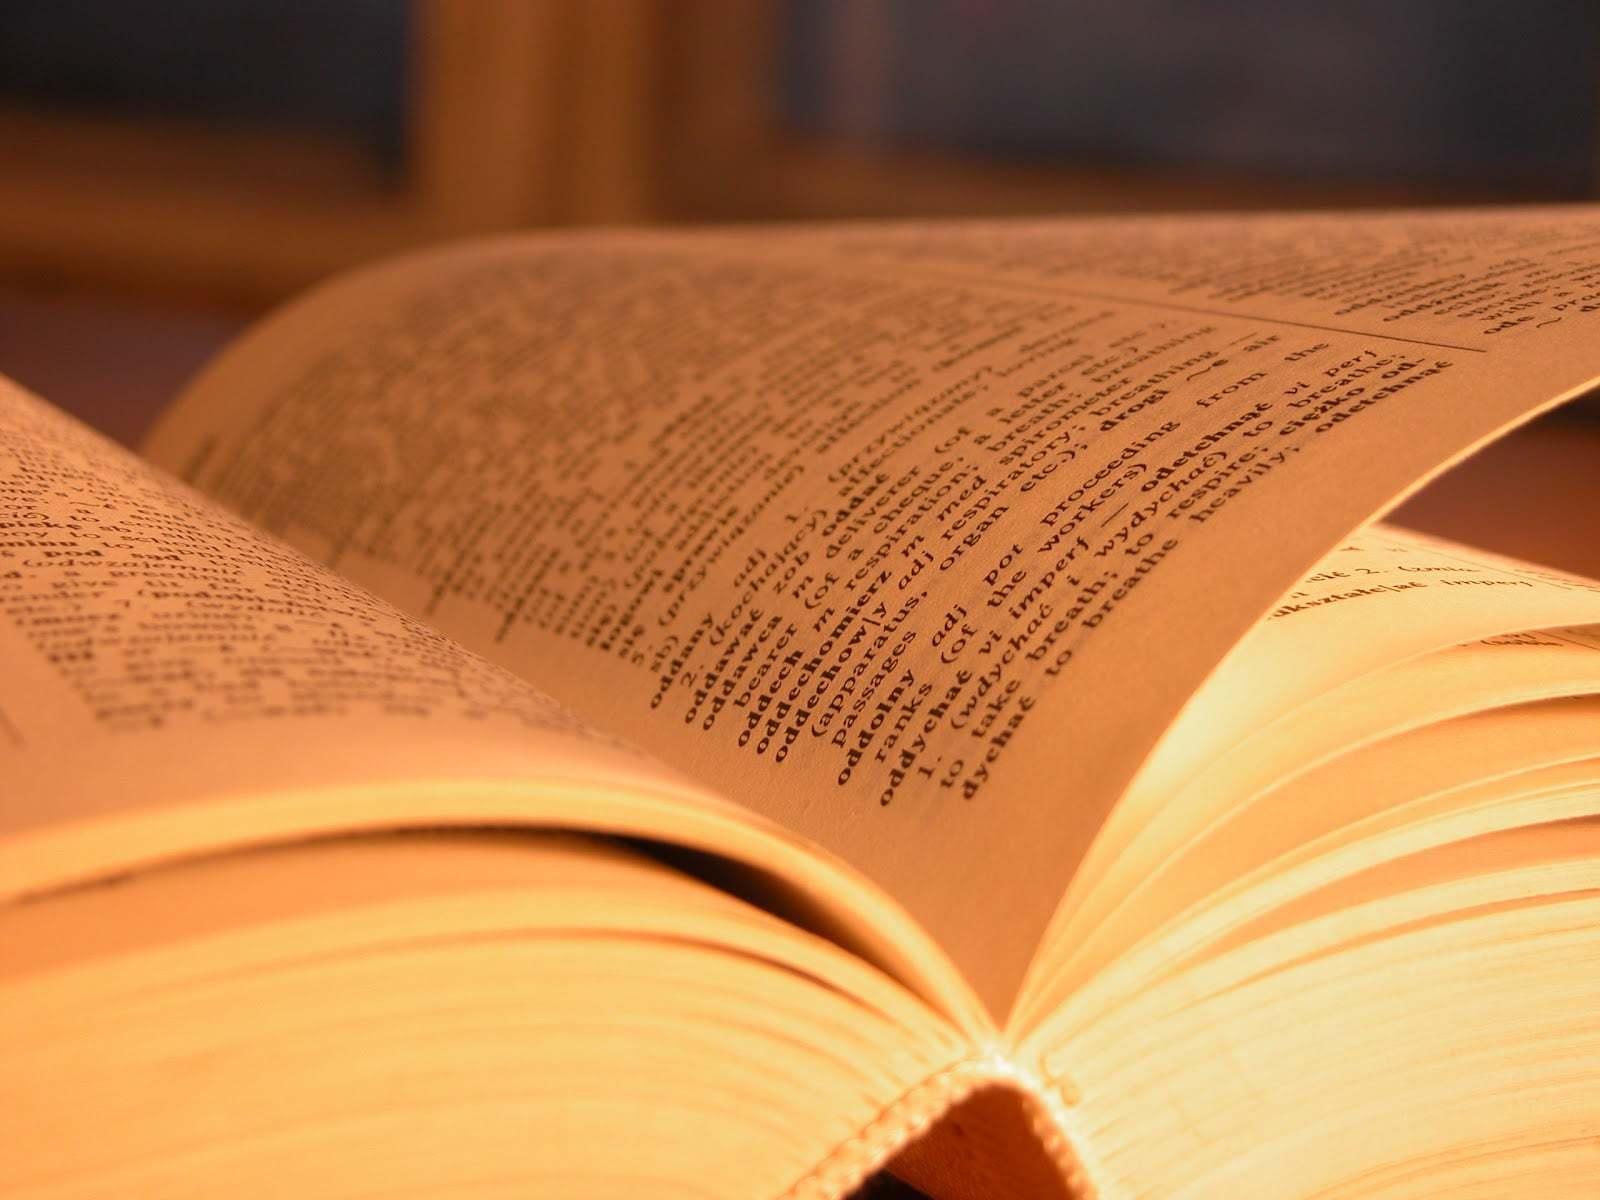 sözlük resmi